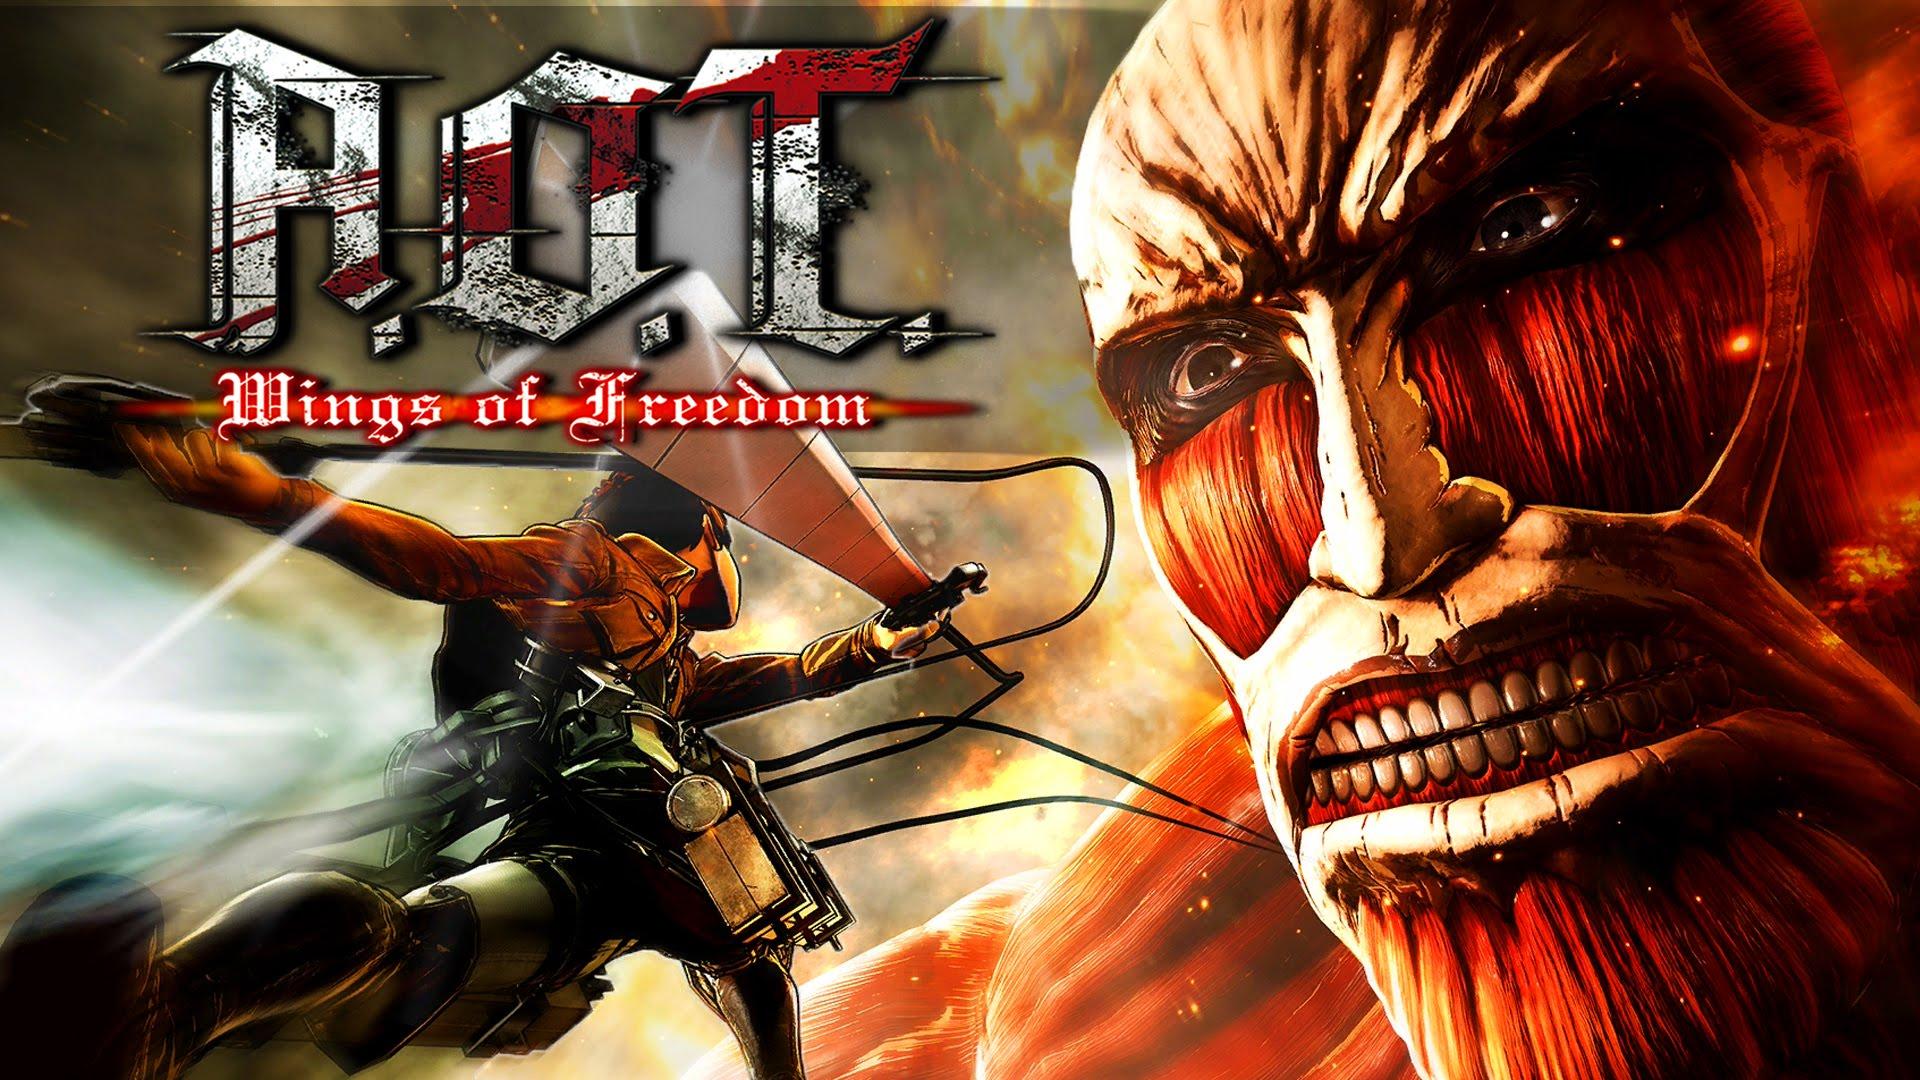 Пост-прохождение Attack of Titan: Wings of Freedom Часть 6 ФИНАЛ!!! - Изображение 1